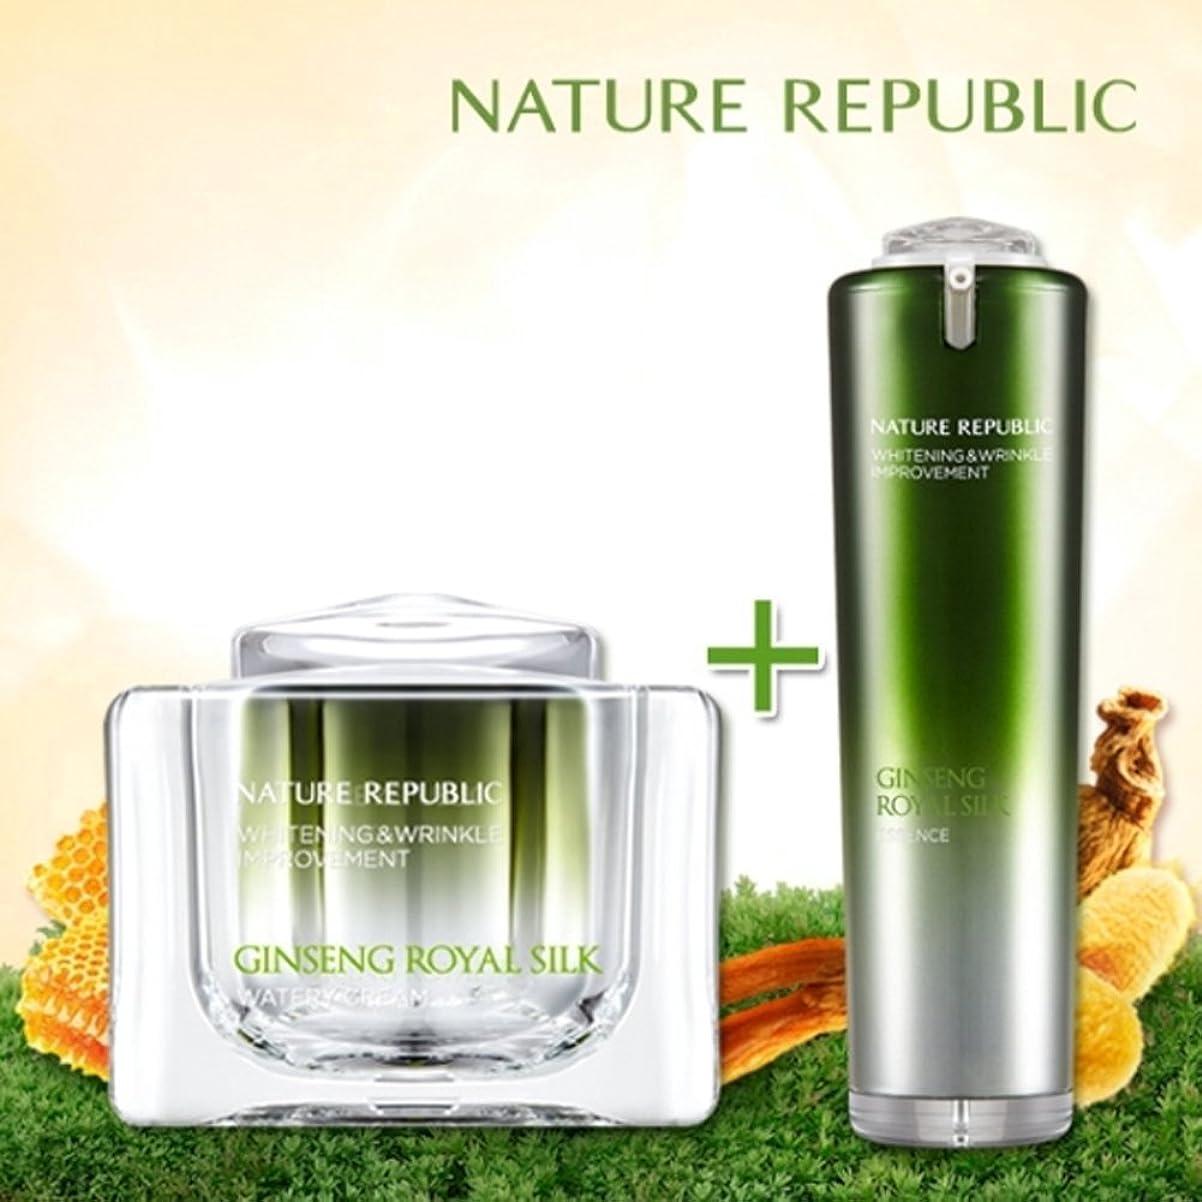 大佐インチそよ風NATURE REPUBLIC/高麗人参ロイヤルシルクウォーターリークリーム+エッセンス Nature Republic、Ginseng Royal silk Watery Cream+Essence(海外直送品)